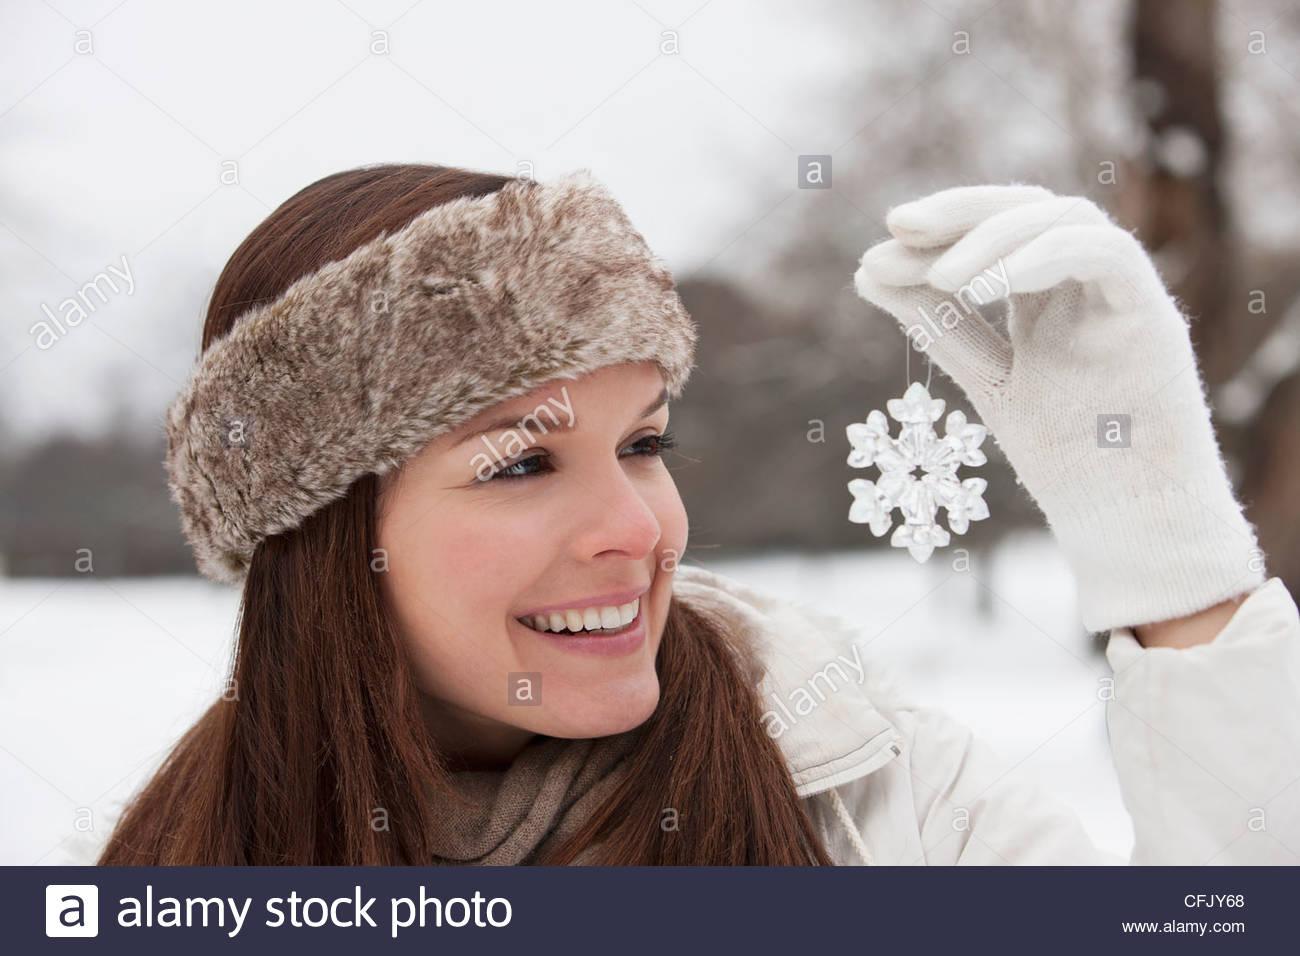 Eine junge Frau hält eine Schneeflocke-Dekoration Stockbild